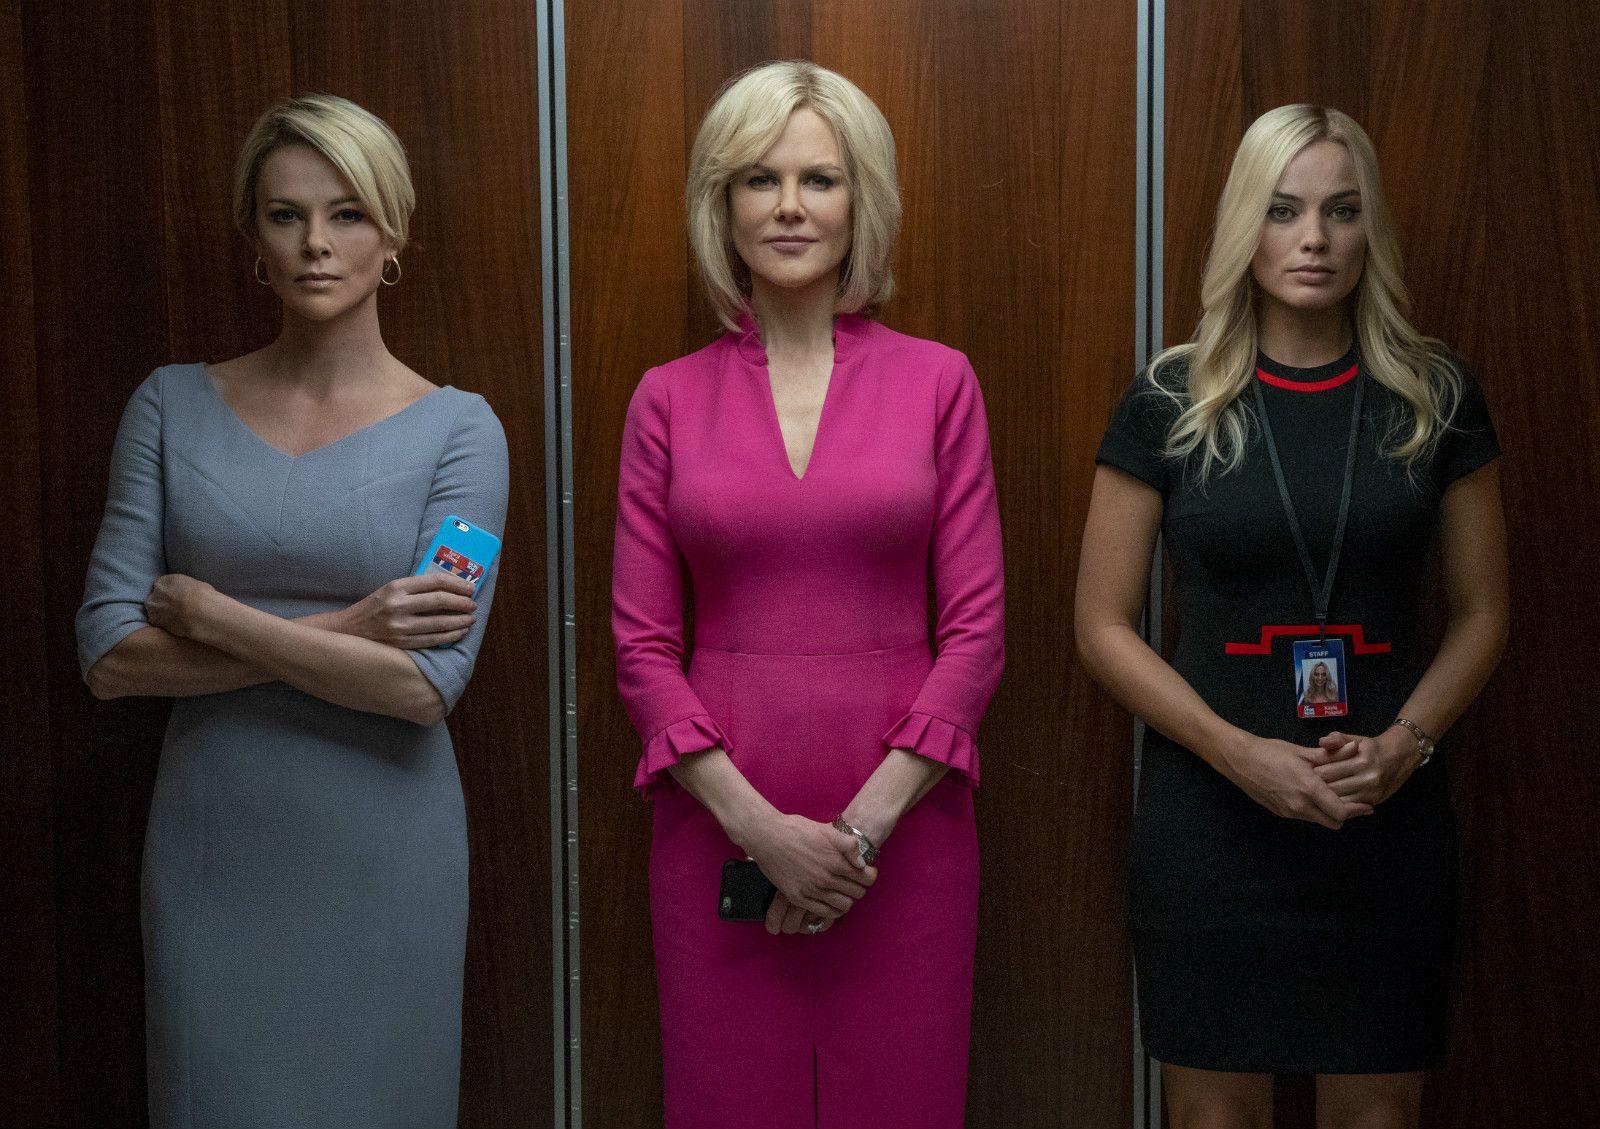 《爆炸新闻》获3奖成美国化妆师与发型师工会奖大赢家图片